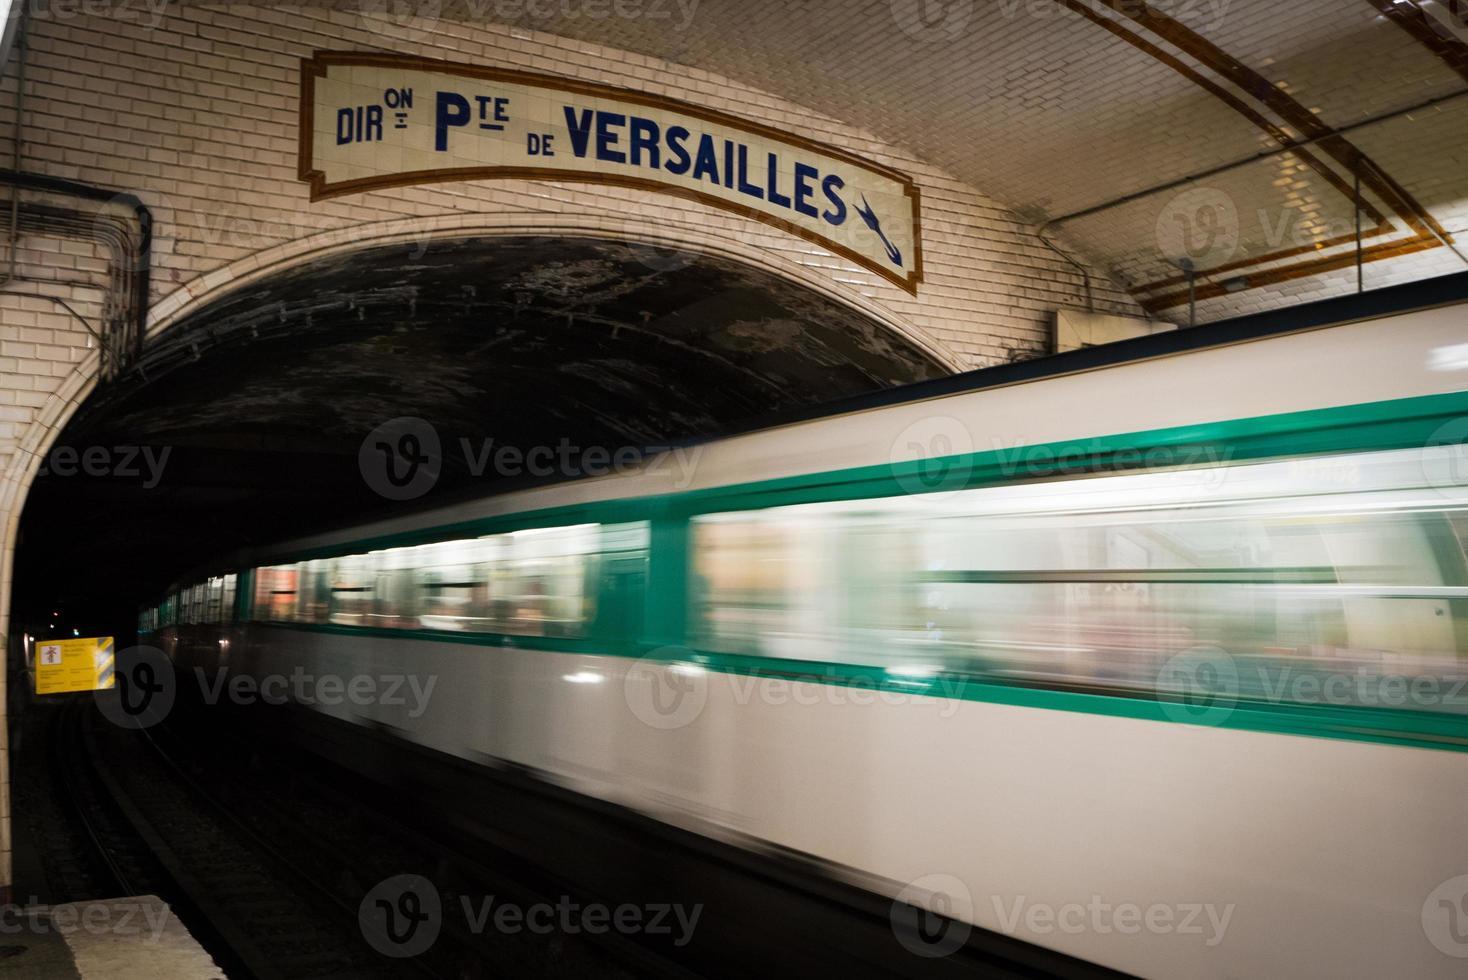 paris underground, på pte. de versailles stopp foto